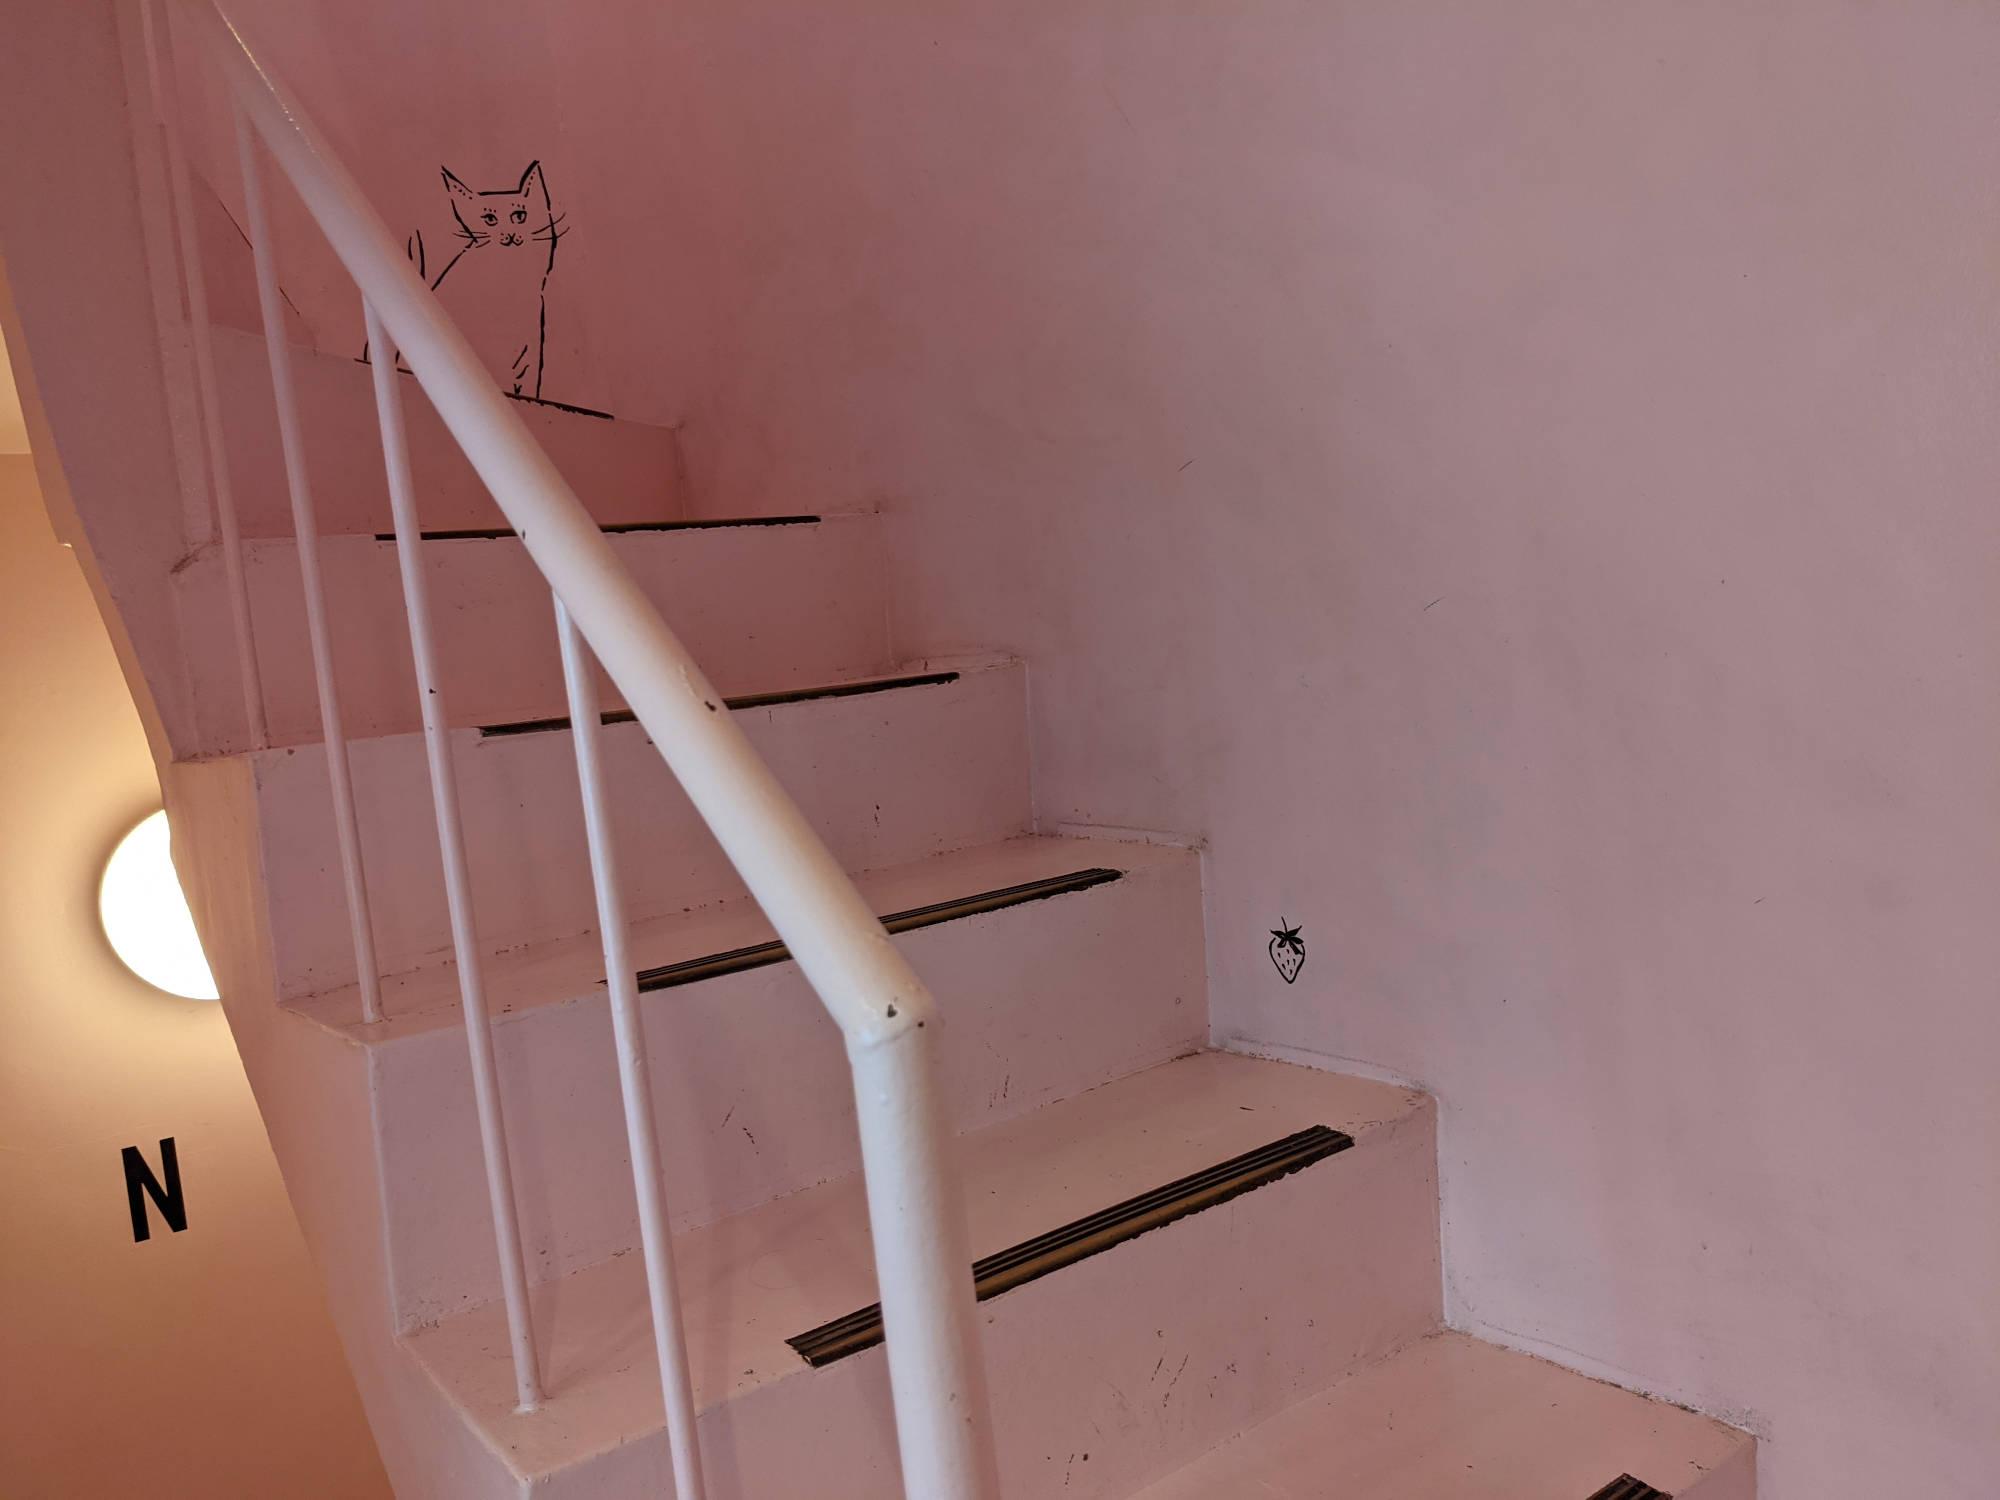 いちごBonBonBerry熱海ハウスの階段